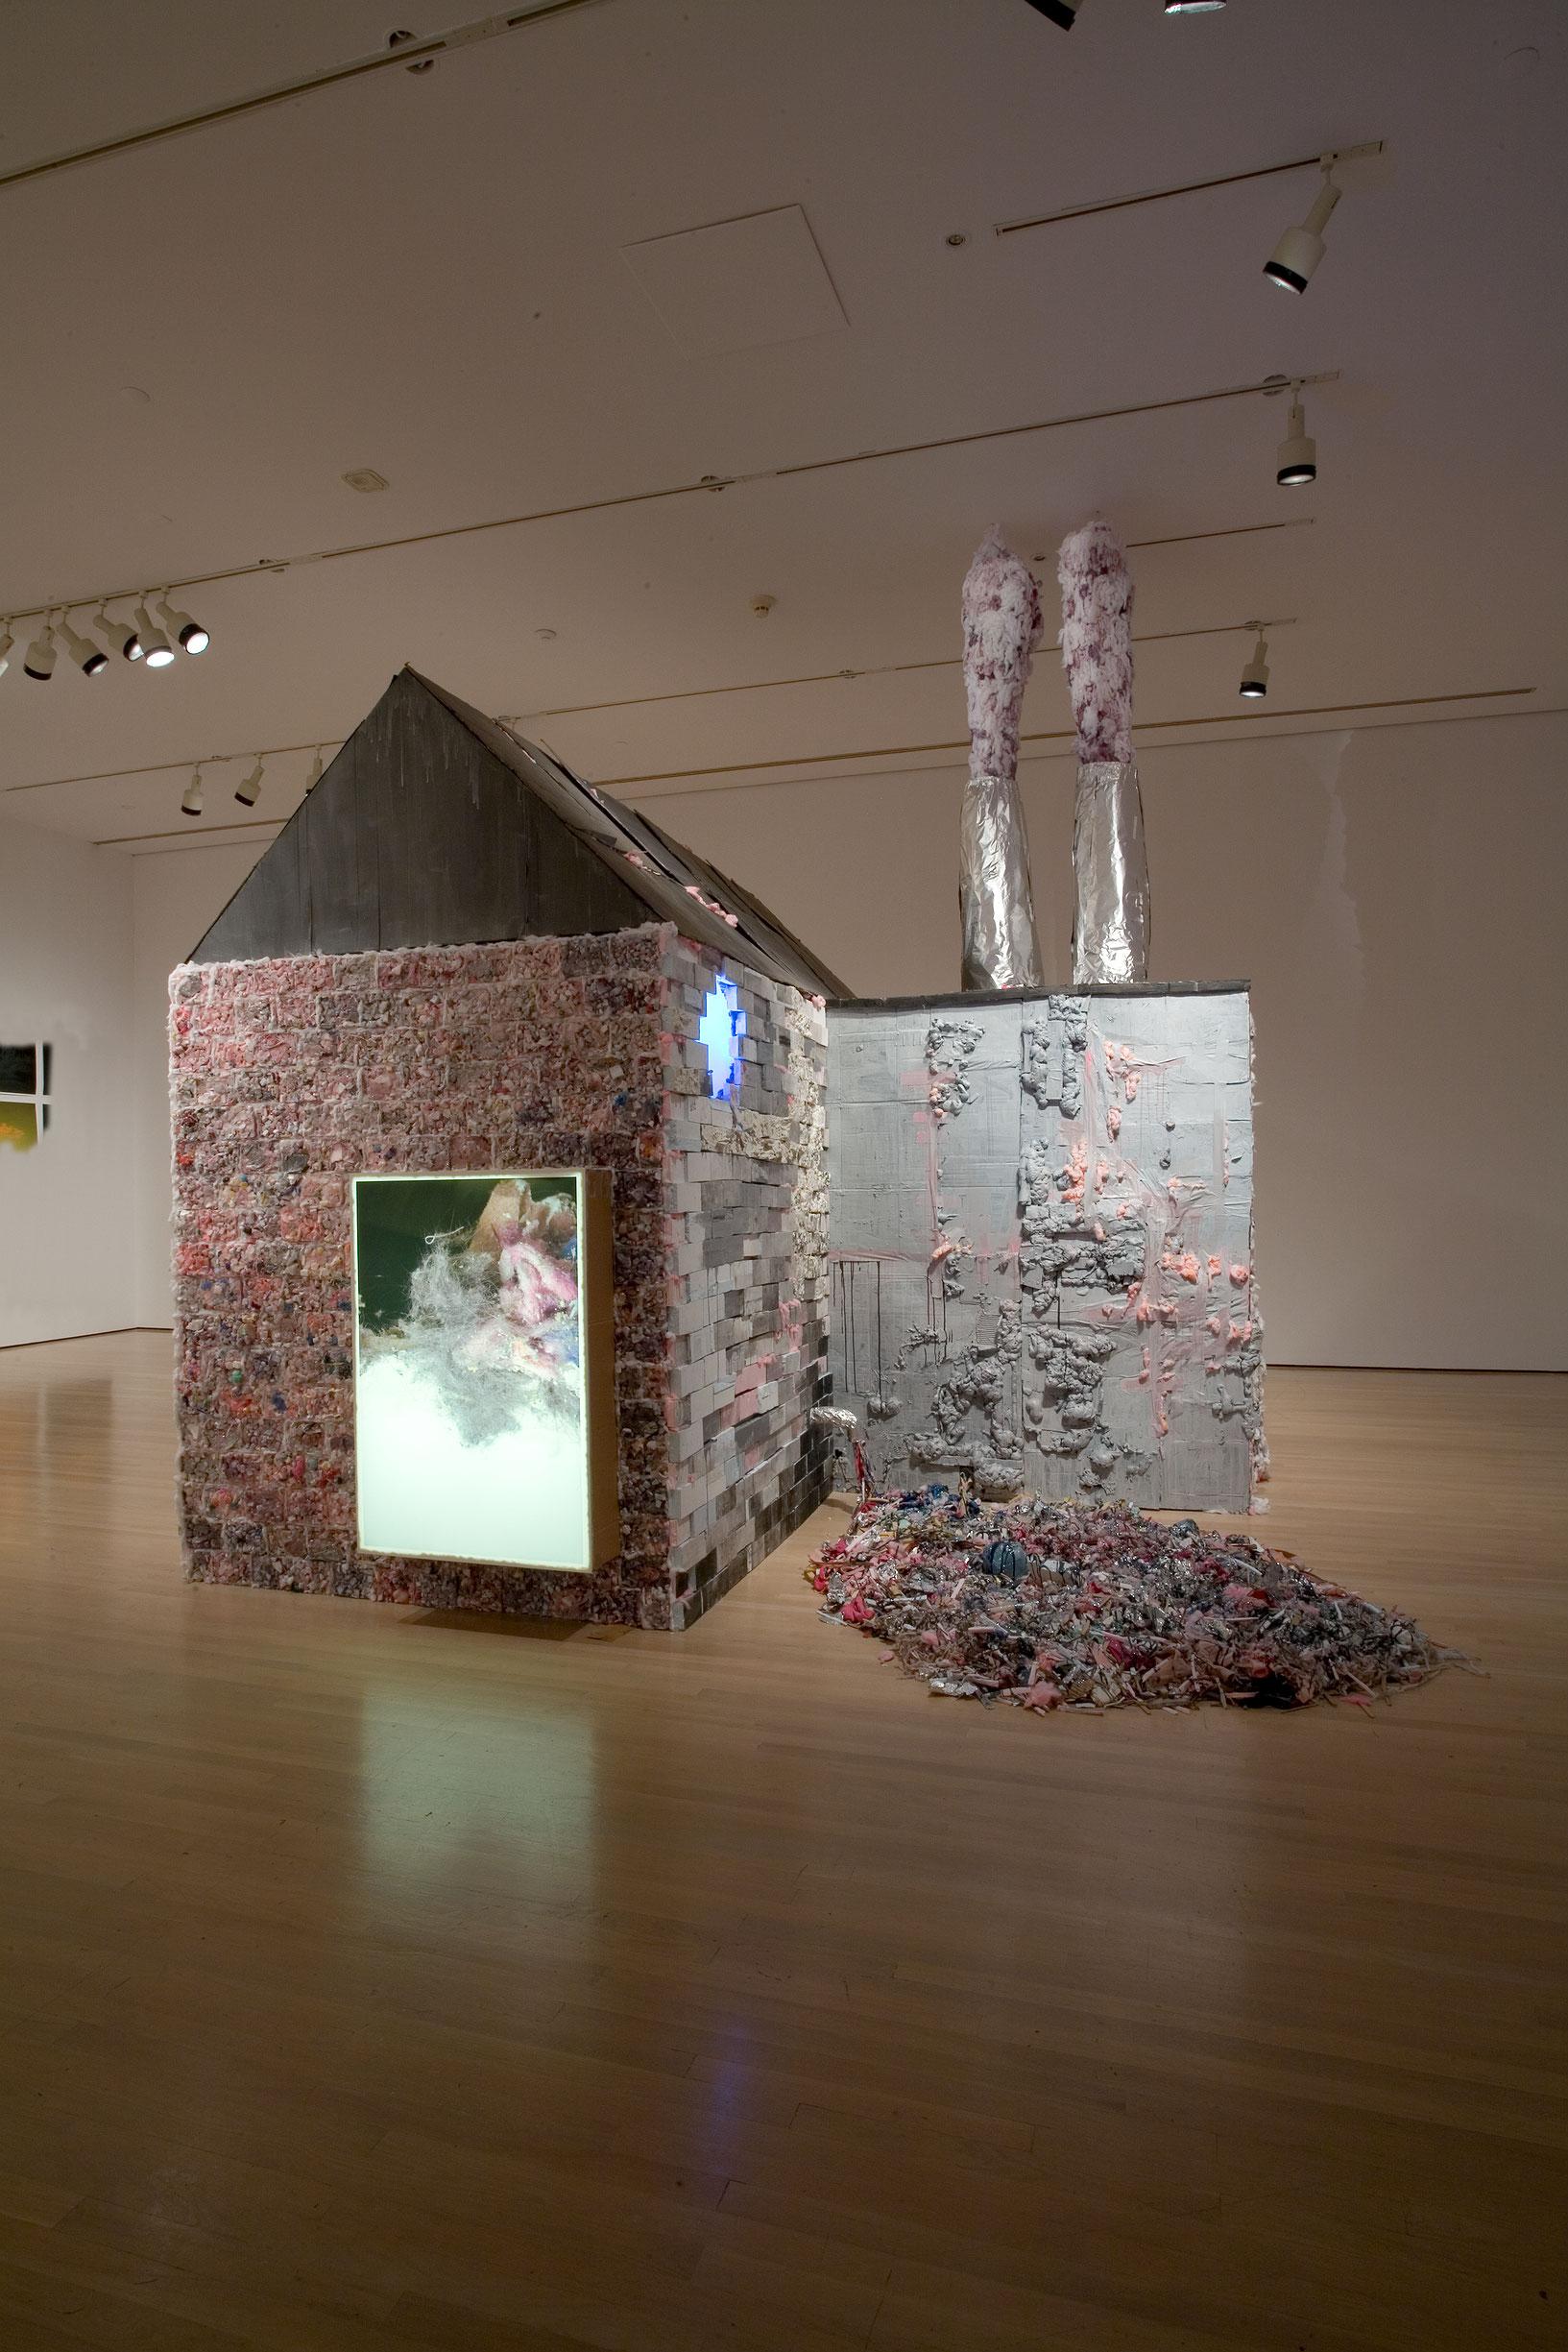 Factory for a Day, 1996-2008, Tricia Middleton, Matériaux divers, peintures, photographies, vidéogrammes et son.